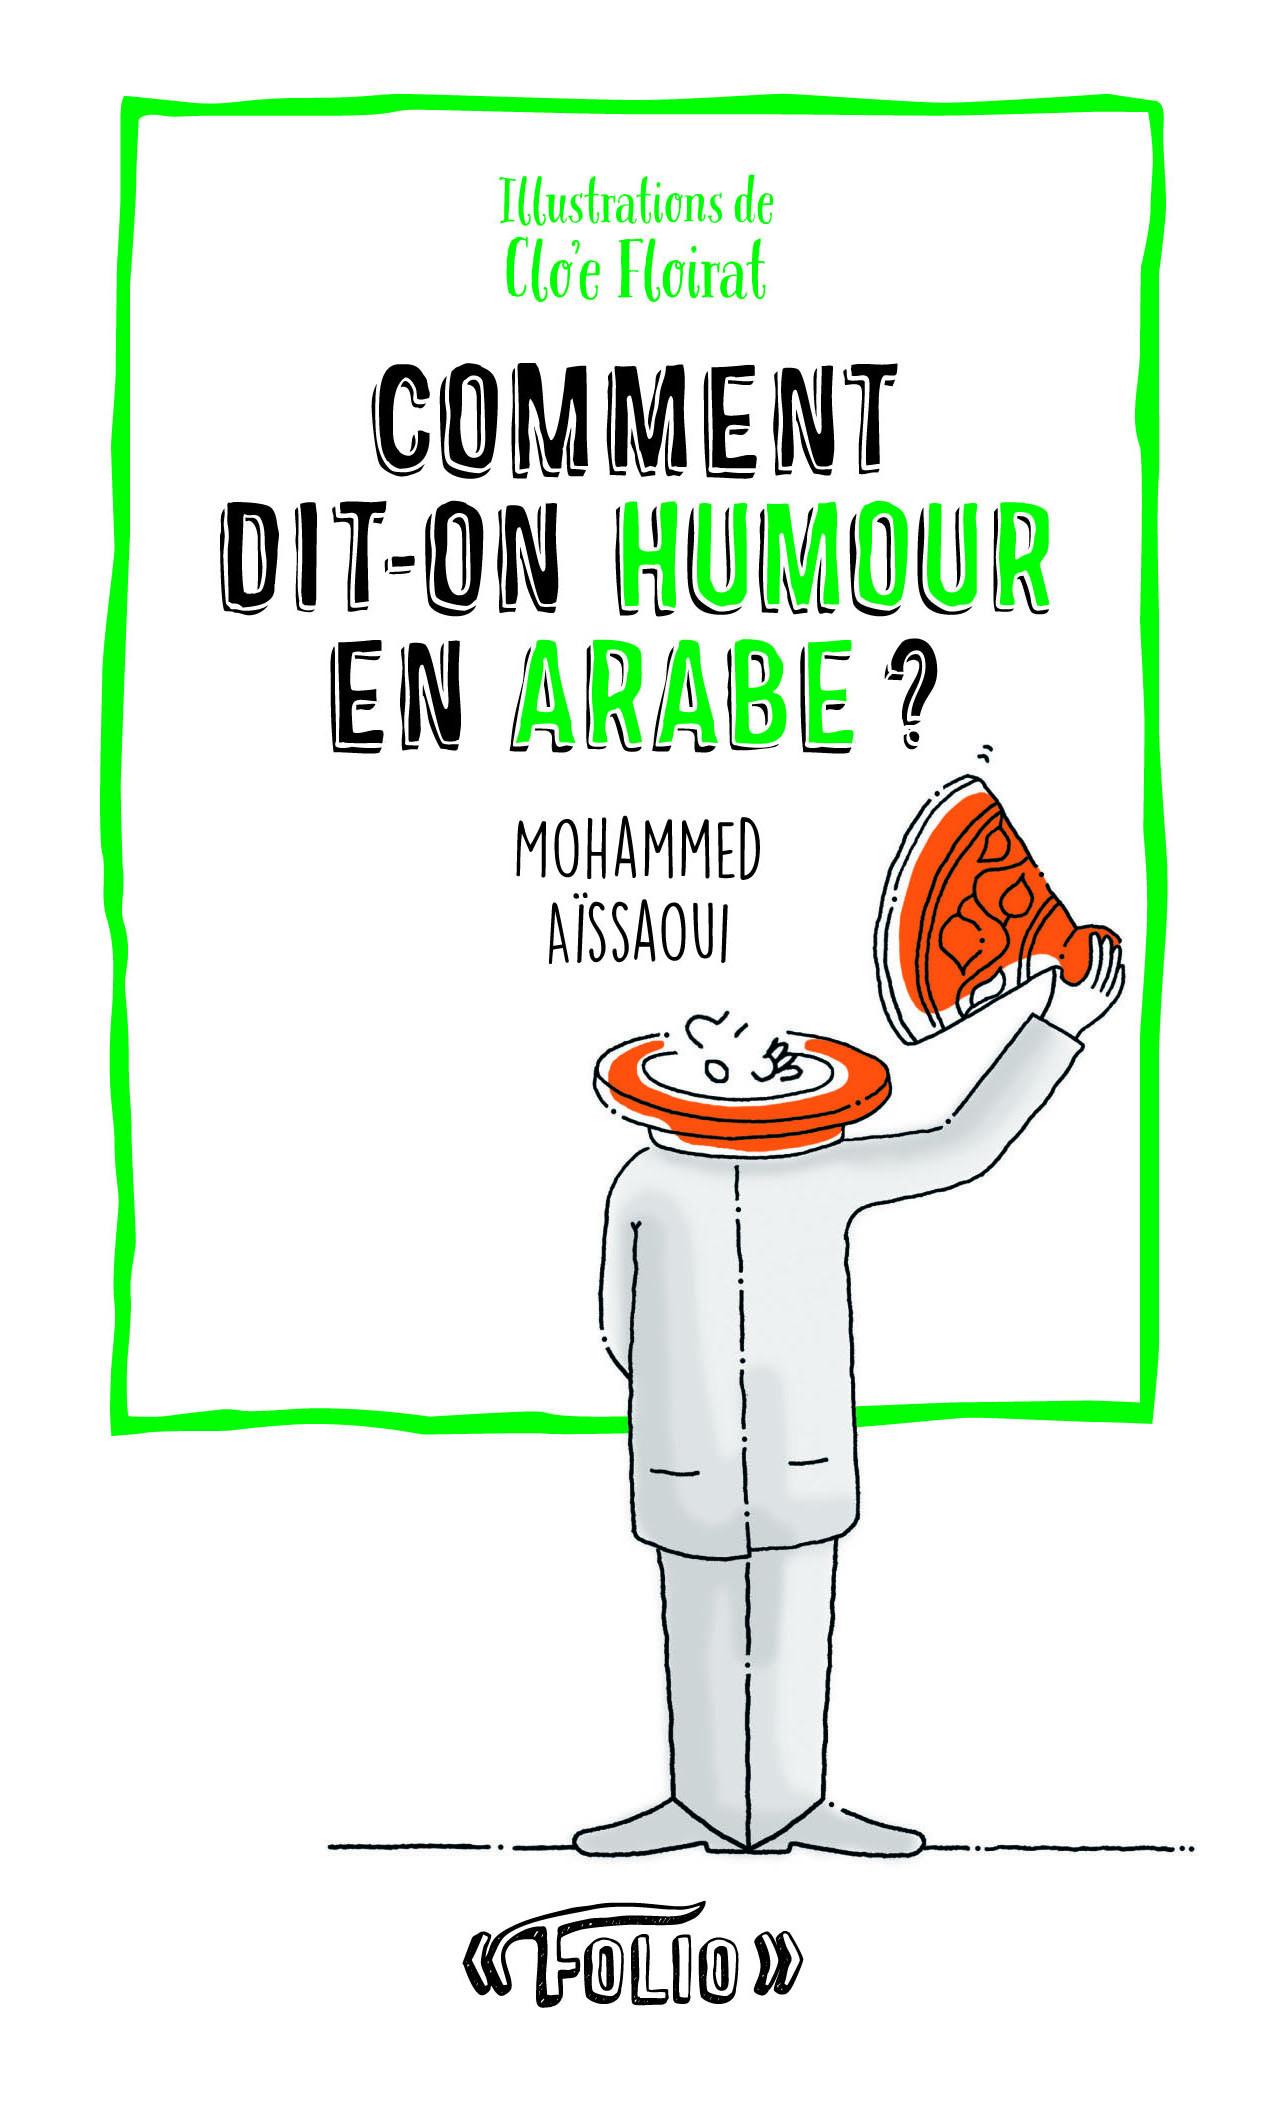 COMMENT DIT-ON HUMOUR EN ARABE ?